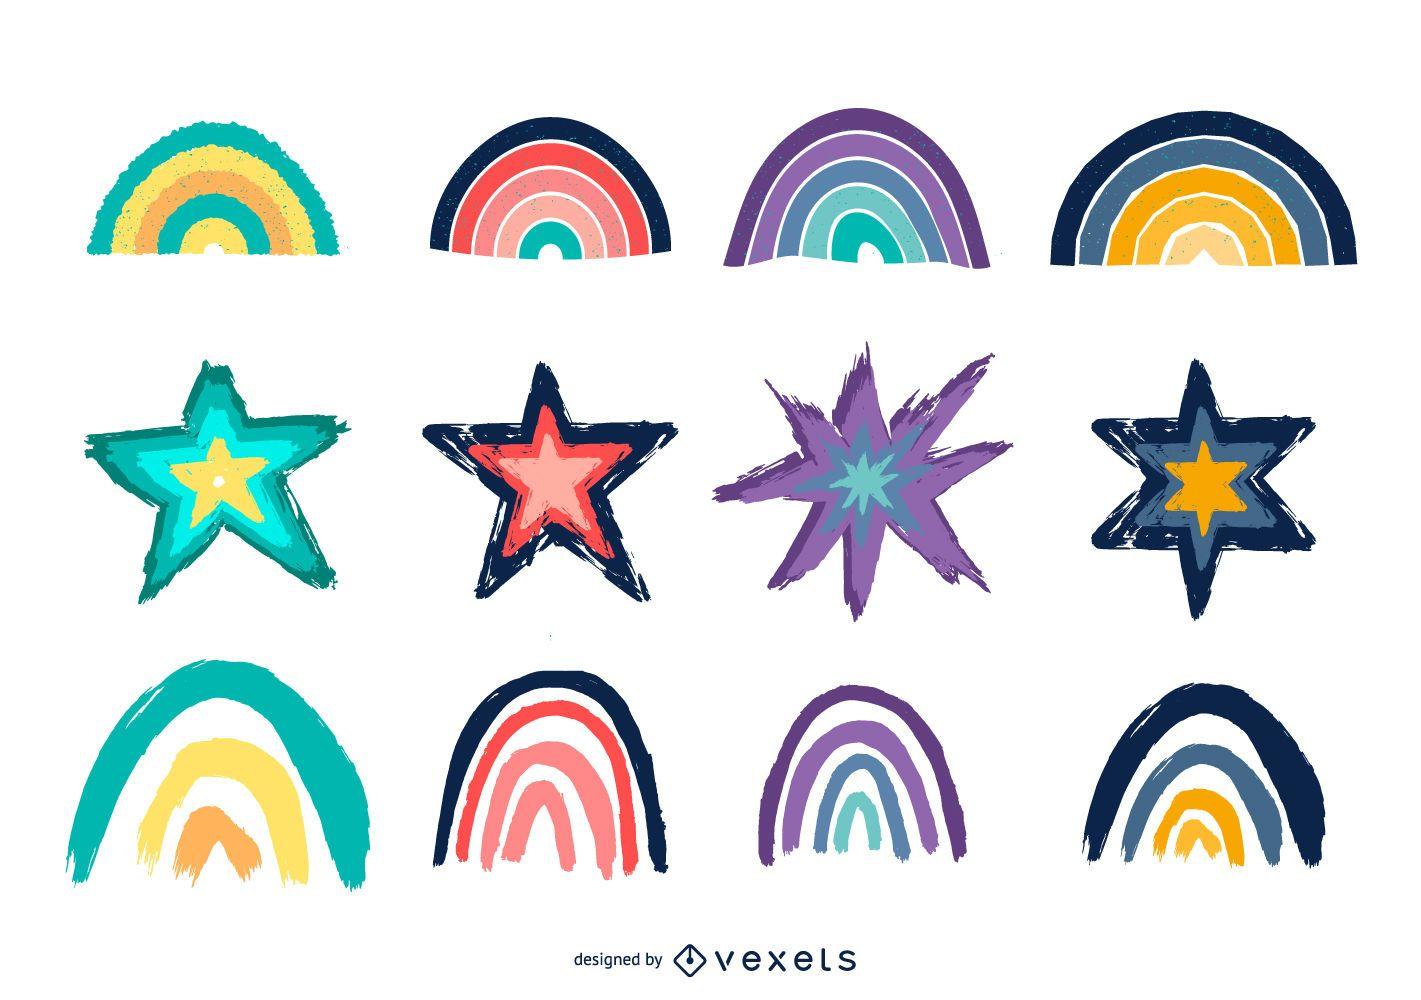 Paquete ilustrado de diseño de arco iris y estrellas